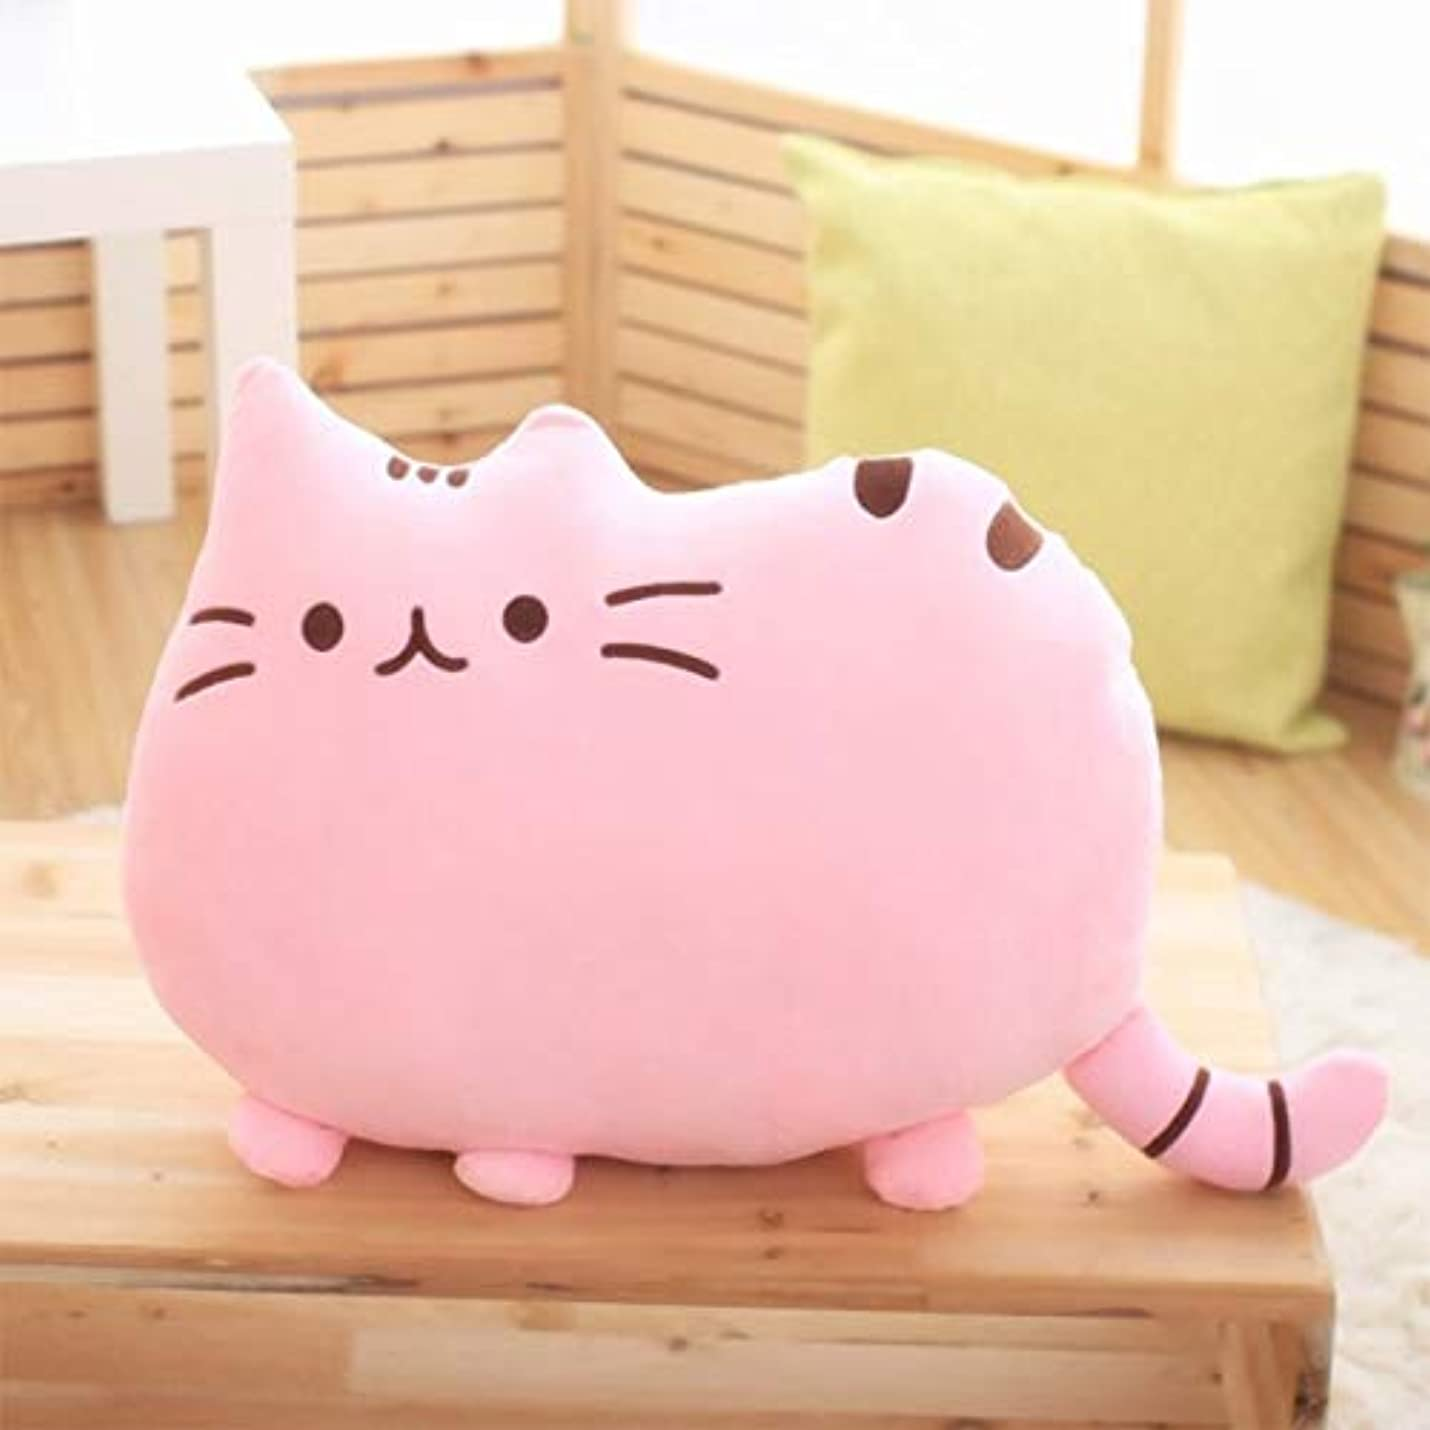 拮抗ネコ作曲家LIFE8 色かわいい脂肪猫ベビーぬいぐるみ 20/40 センチメートル枕人形子供のための高品質ソフトクッション綿 Brinquedos 子供のためのギフトクッション 椅子